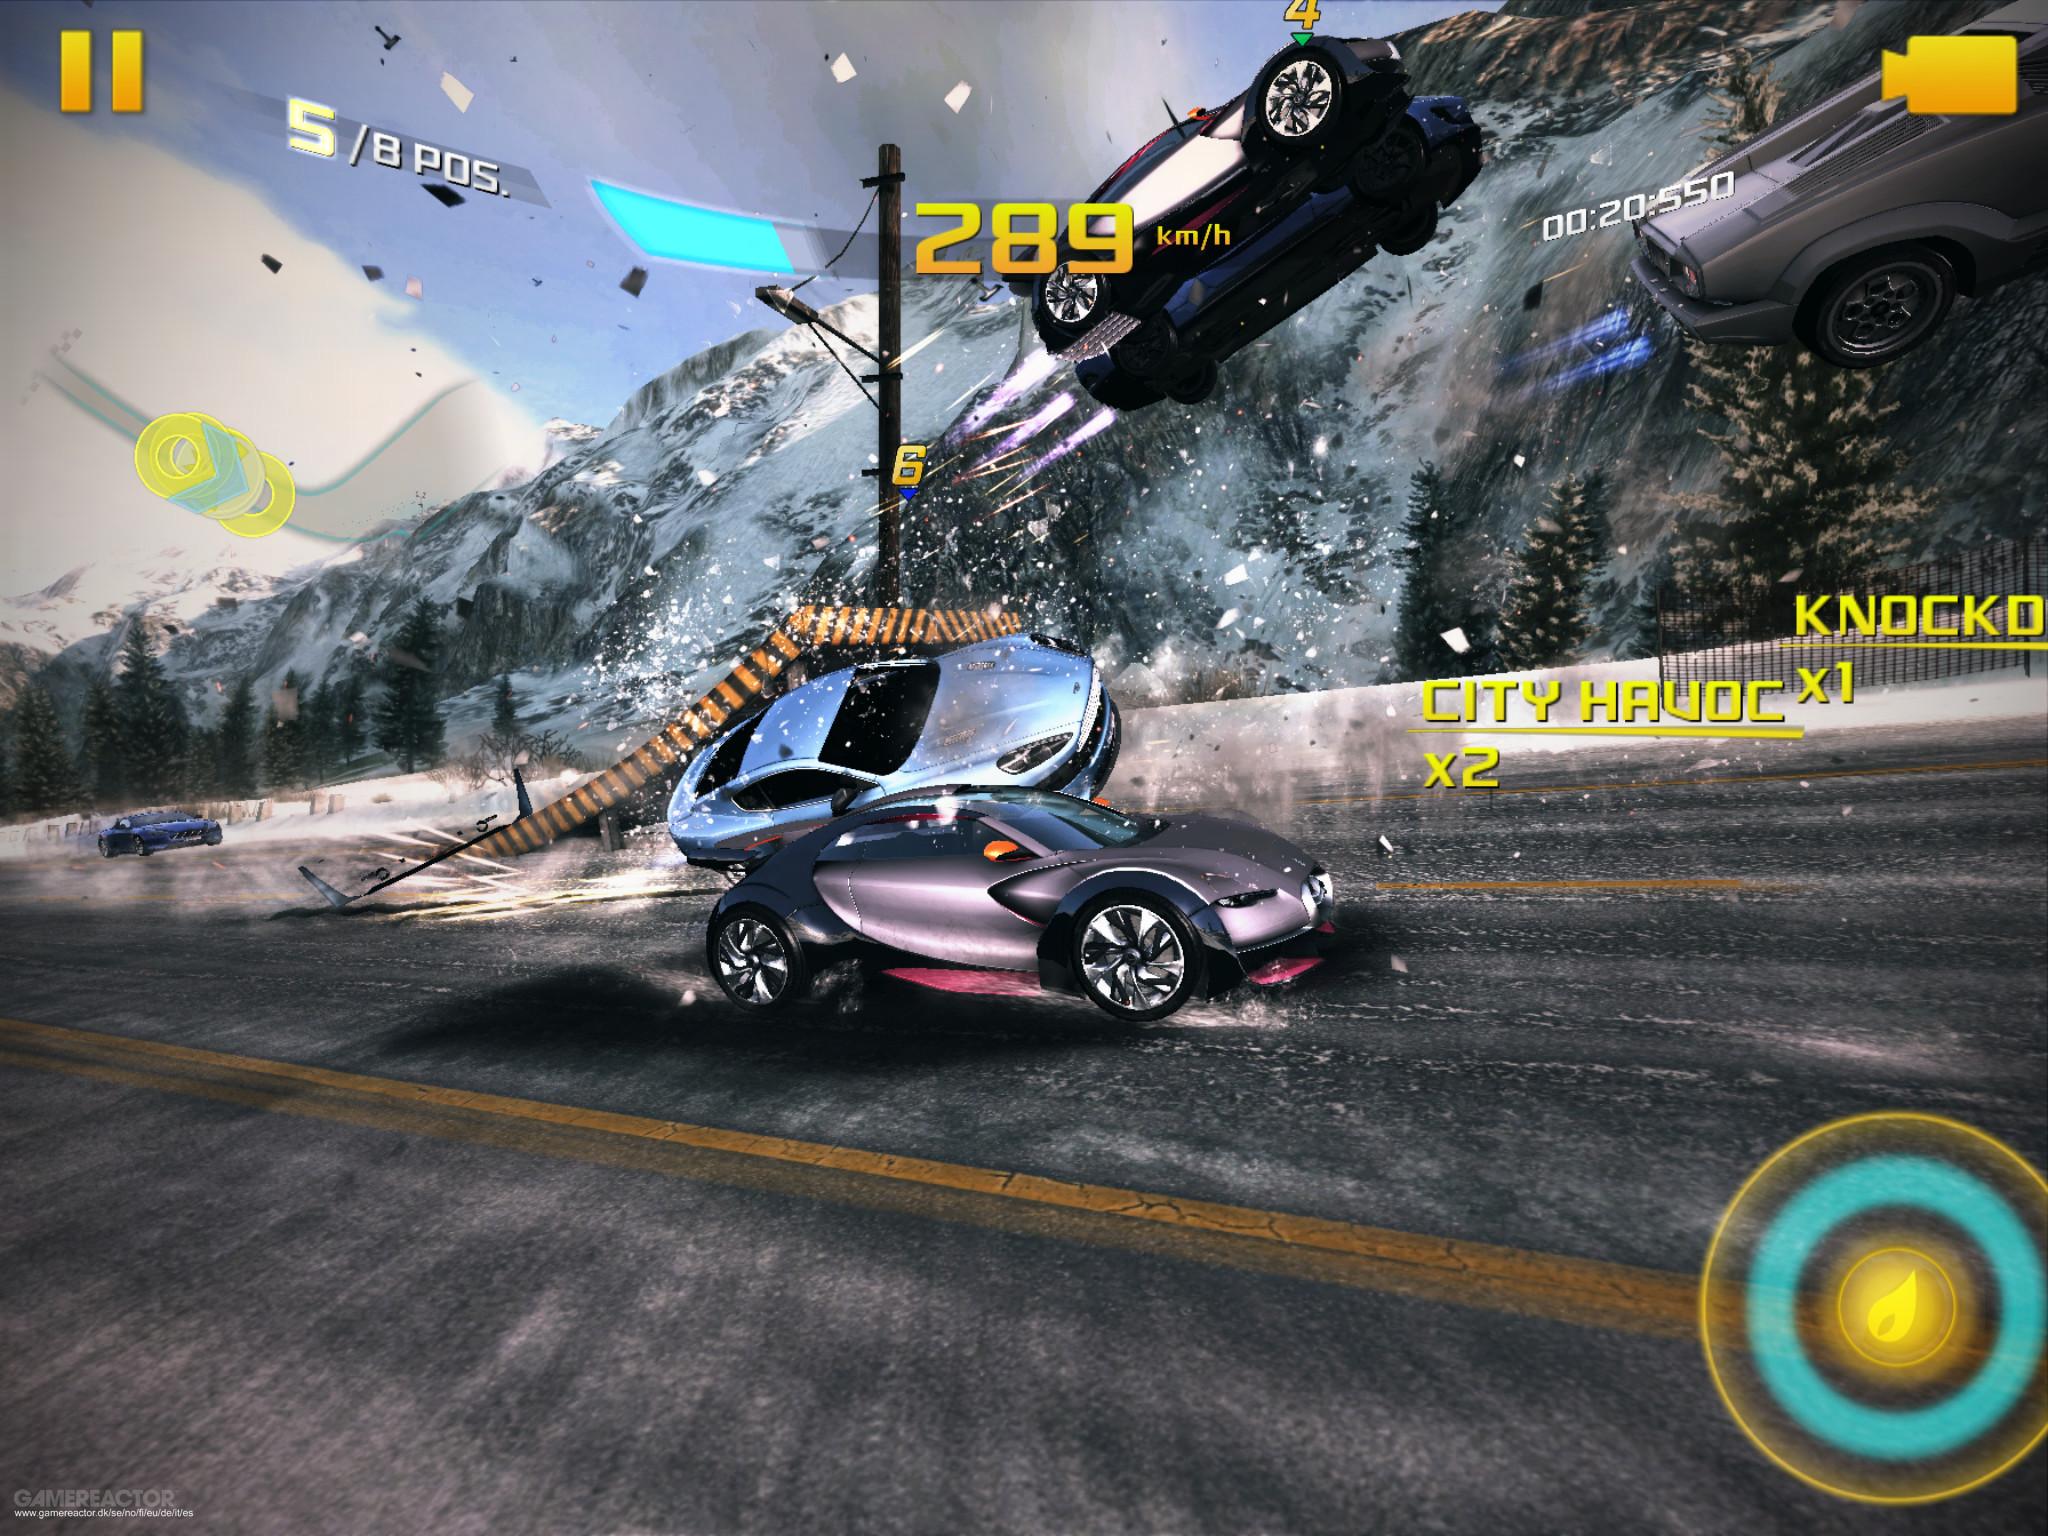 Asphalt Car Game Free Download